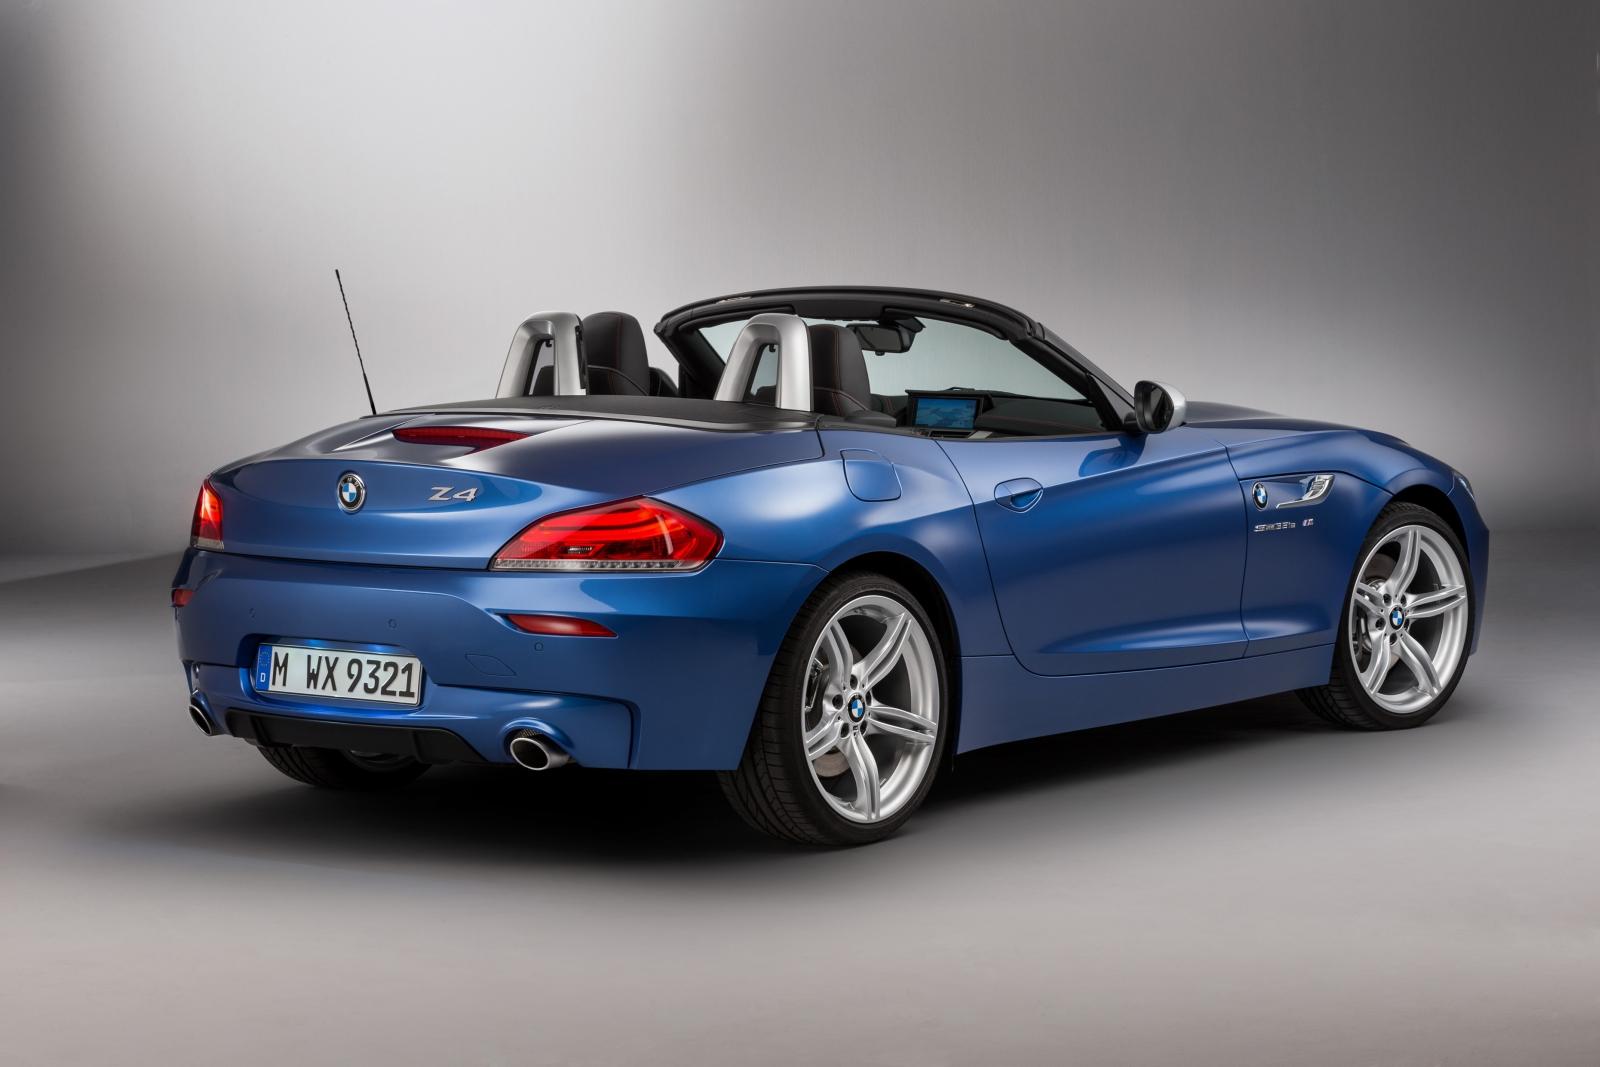 BMW modellfrissítések -2015 nyár